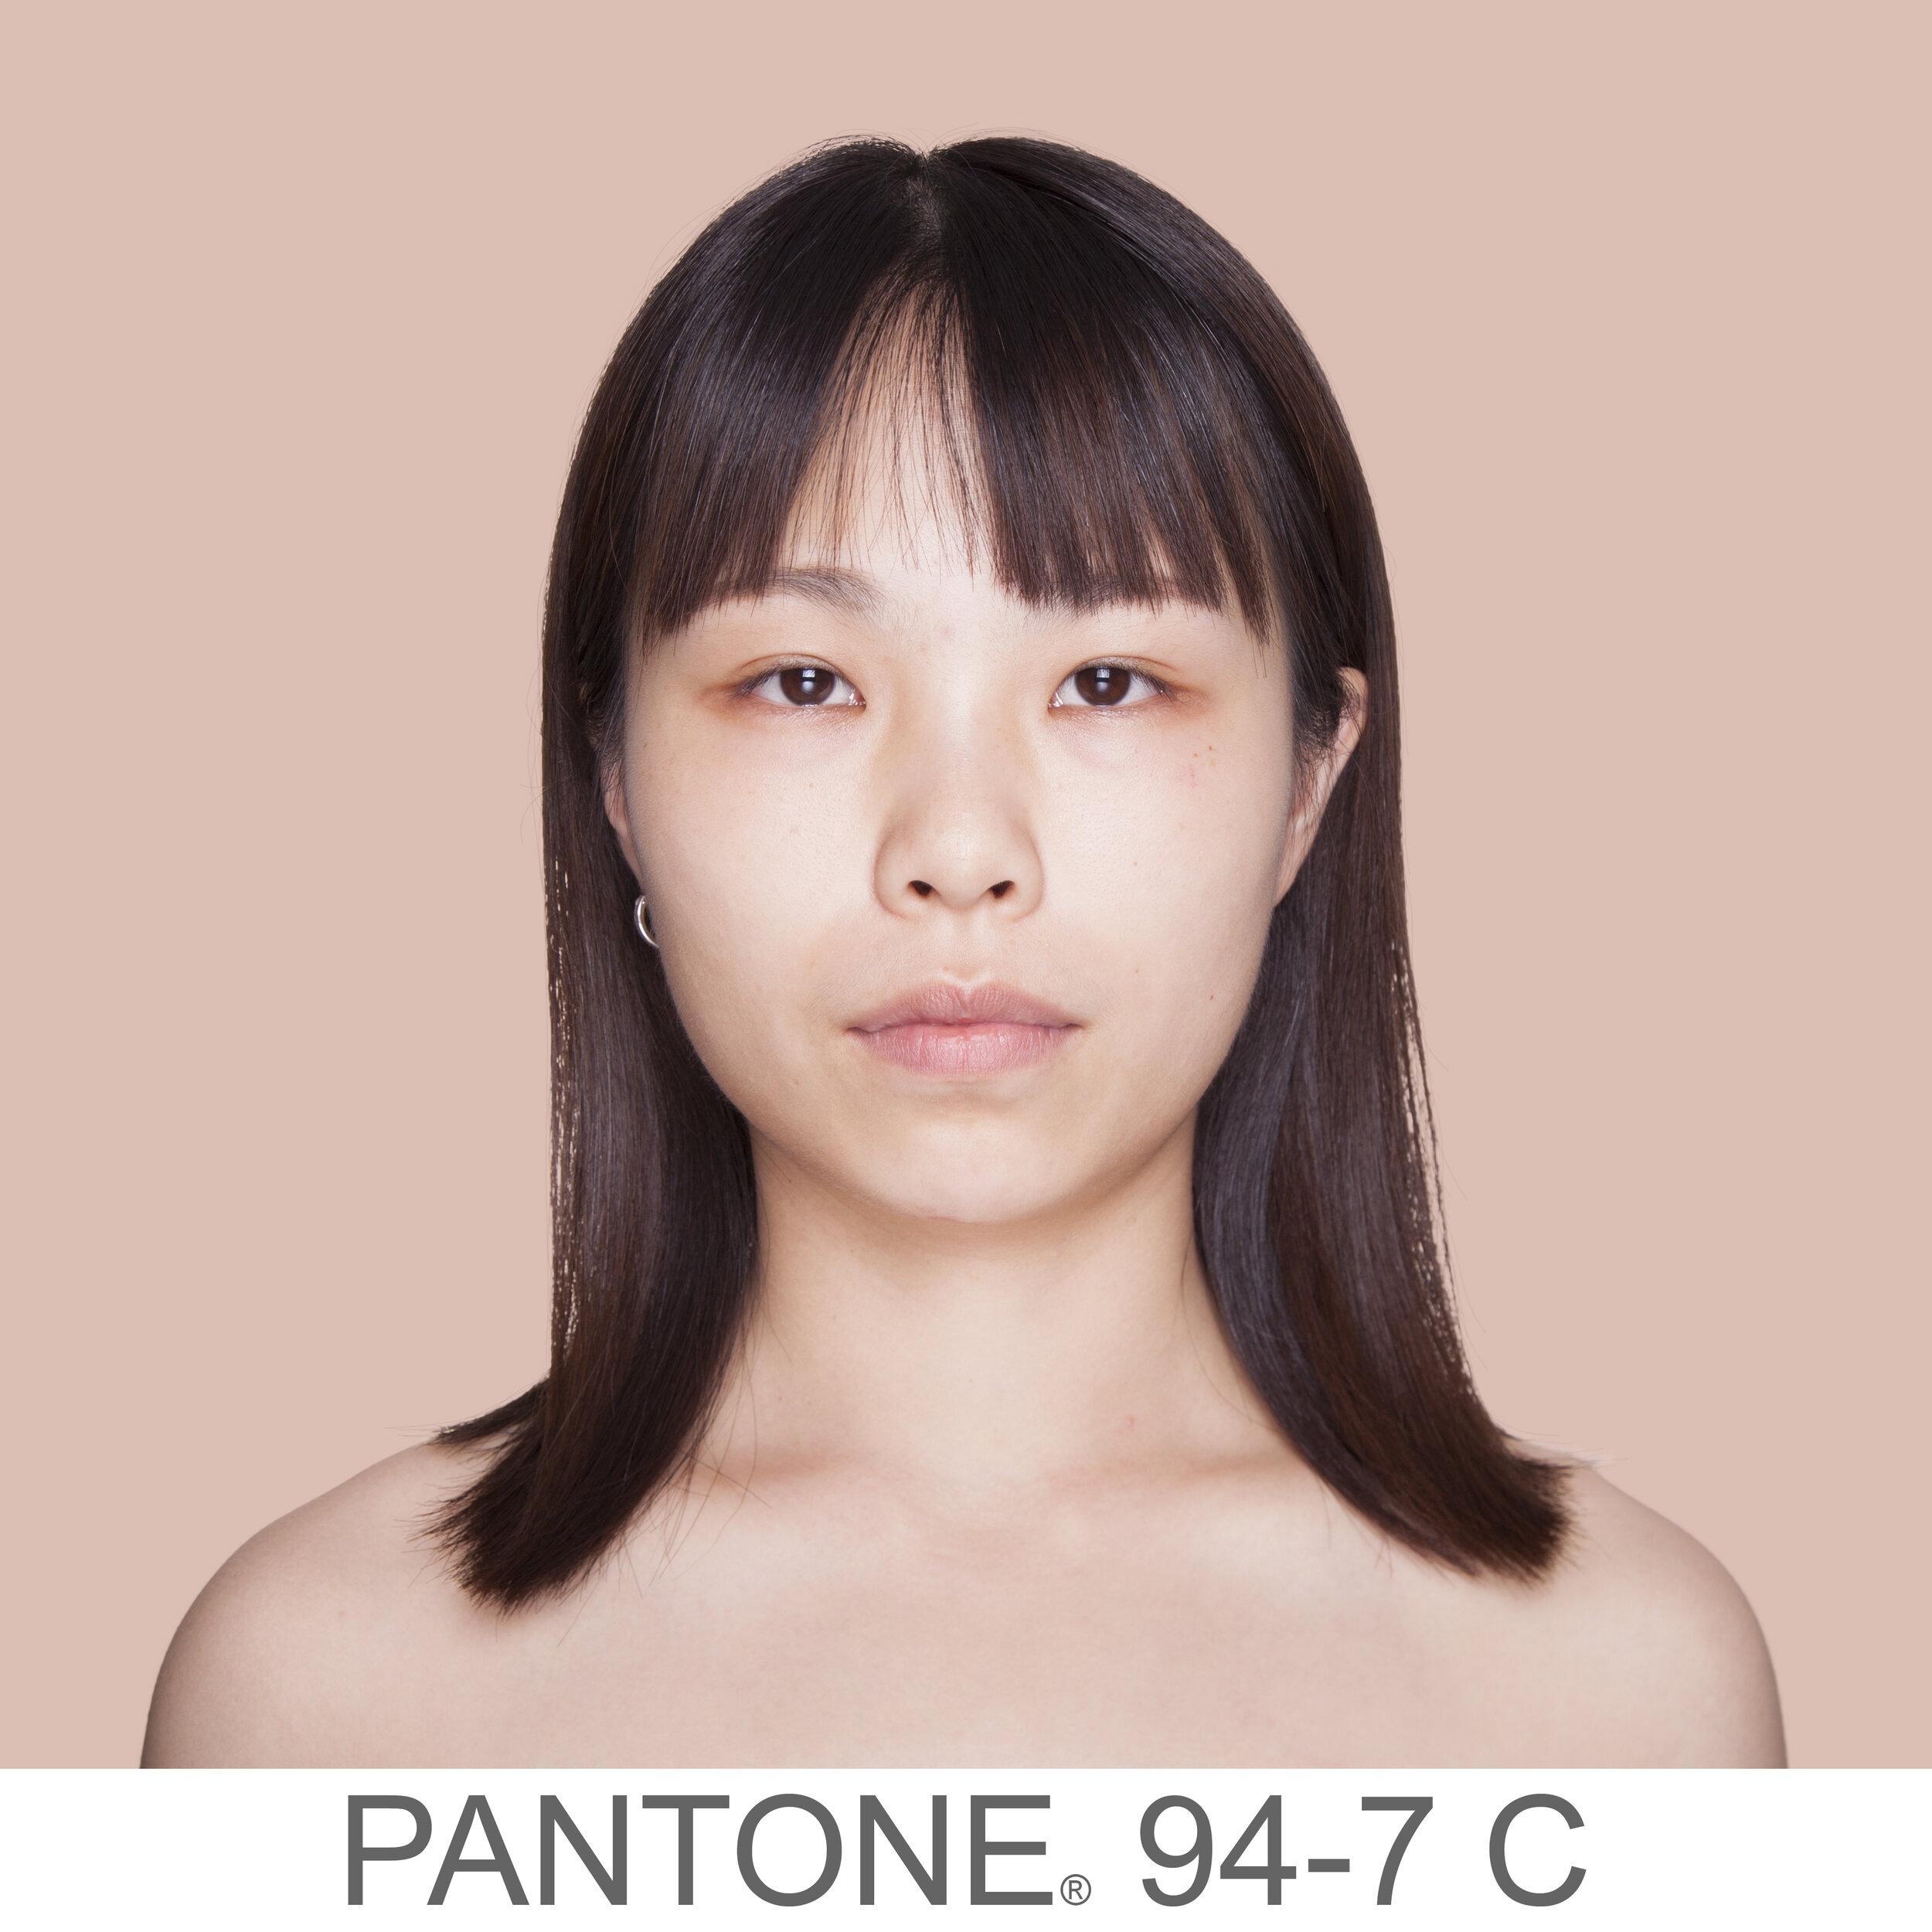 humanae 94-7 C CN copia.jpg